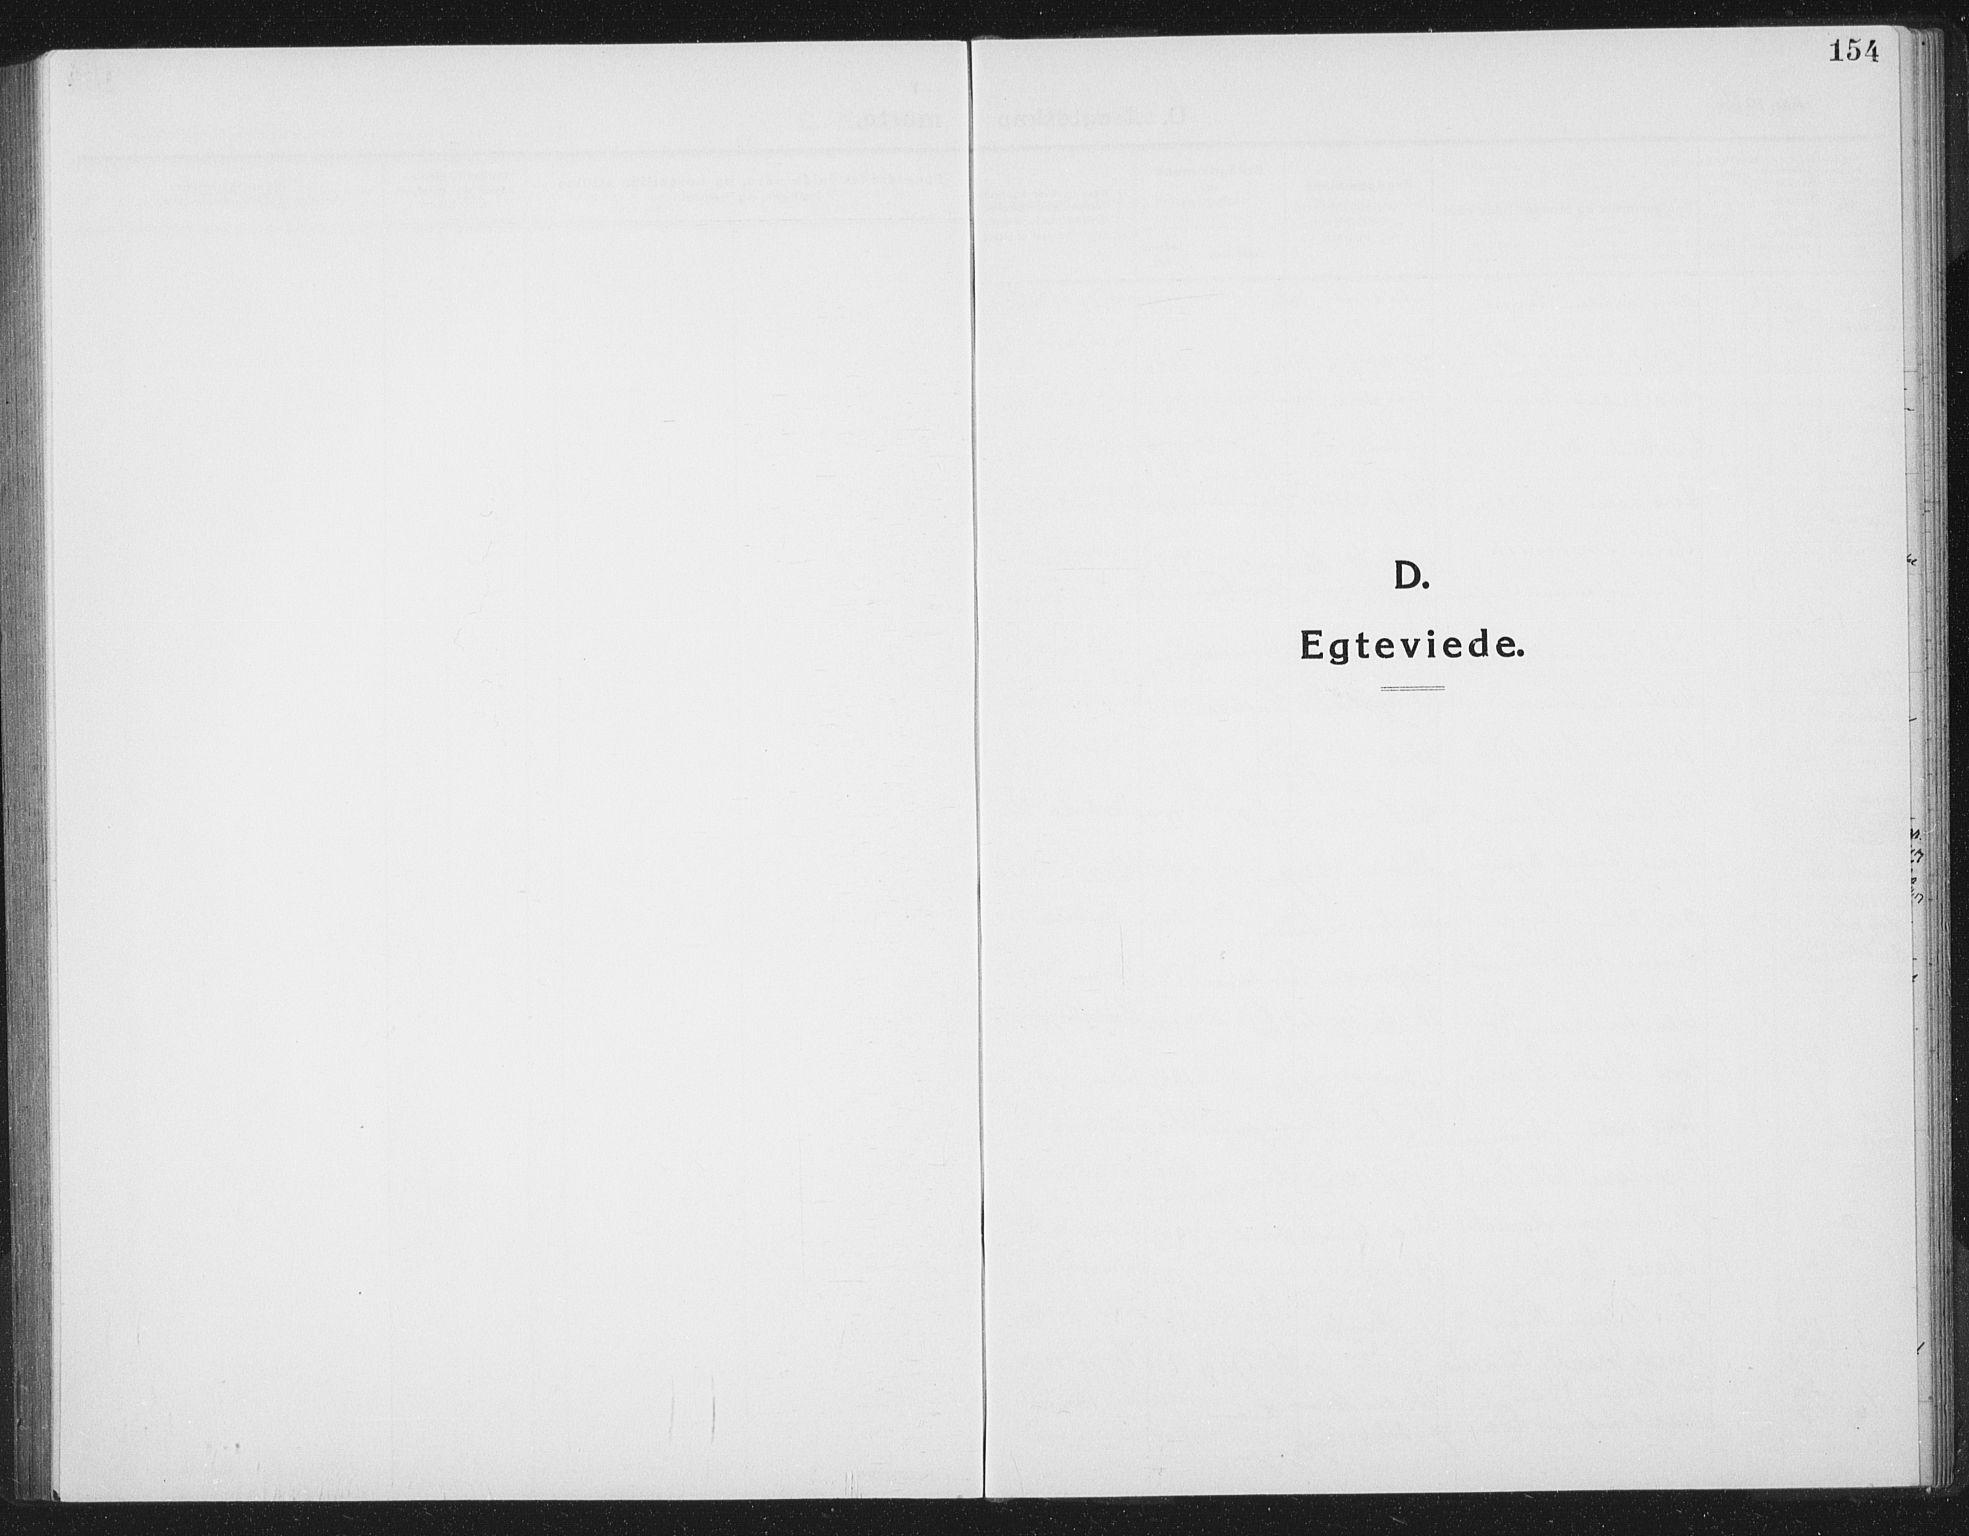 SAT, Ministerialprotokoller, klokkerbøker og fødselsregistre - Sør-Trøndelag, 665/L0778: Klokkerbok nr. 665C03, 1916-1938, s. 154